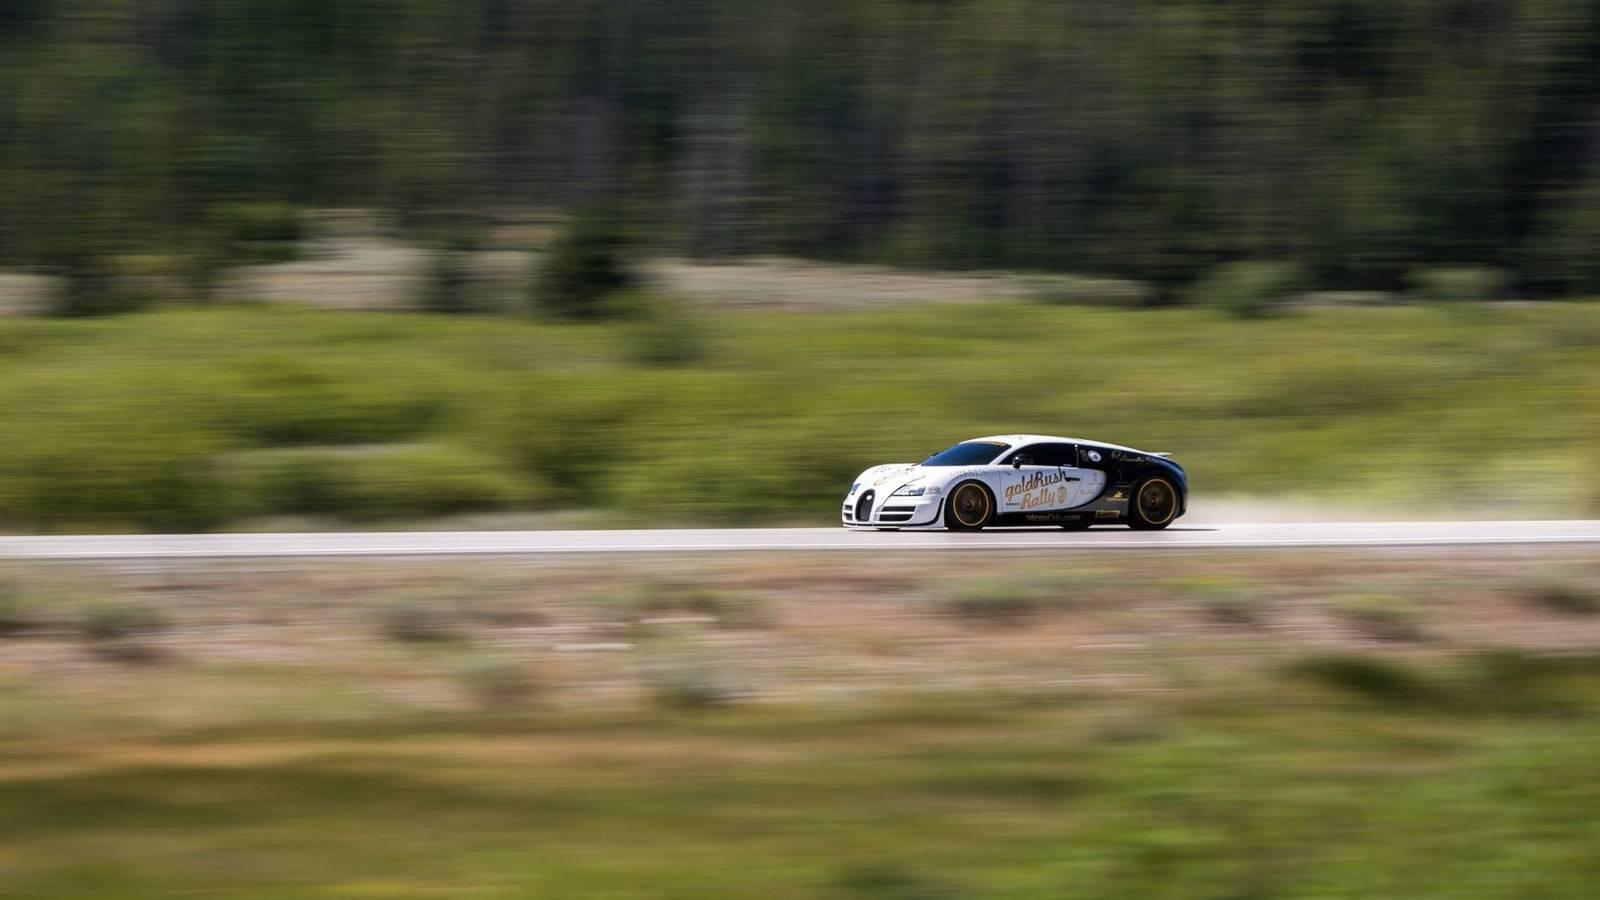 Фото | Бугатти Вейрон на скорости. 2014 год